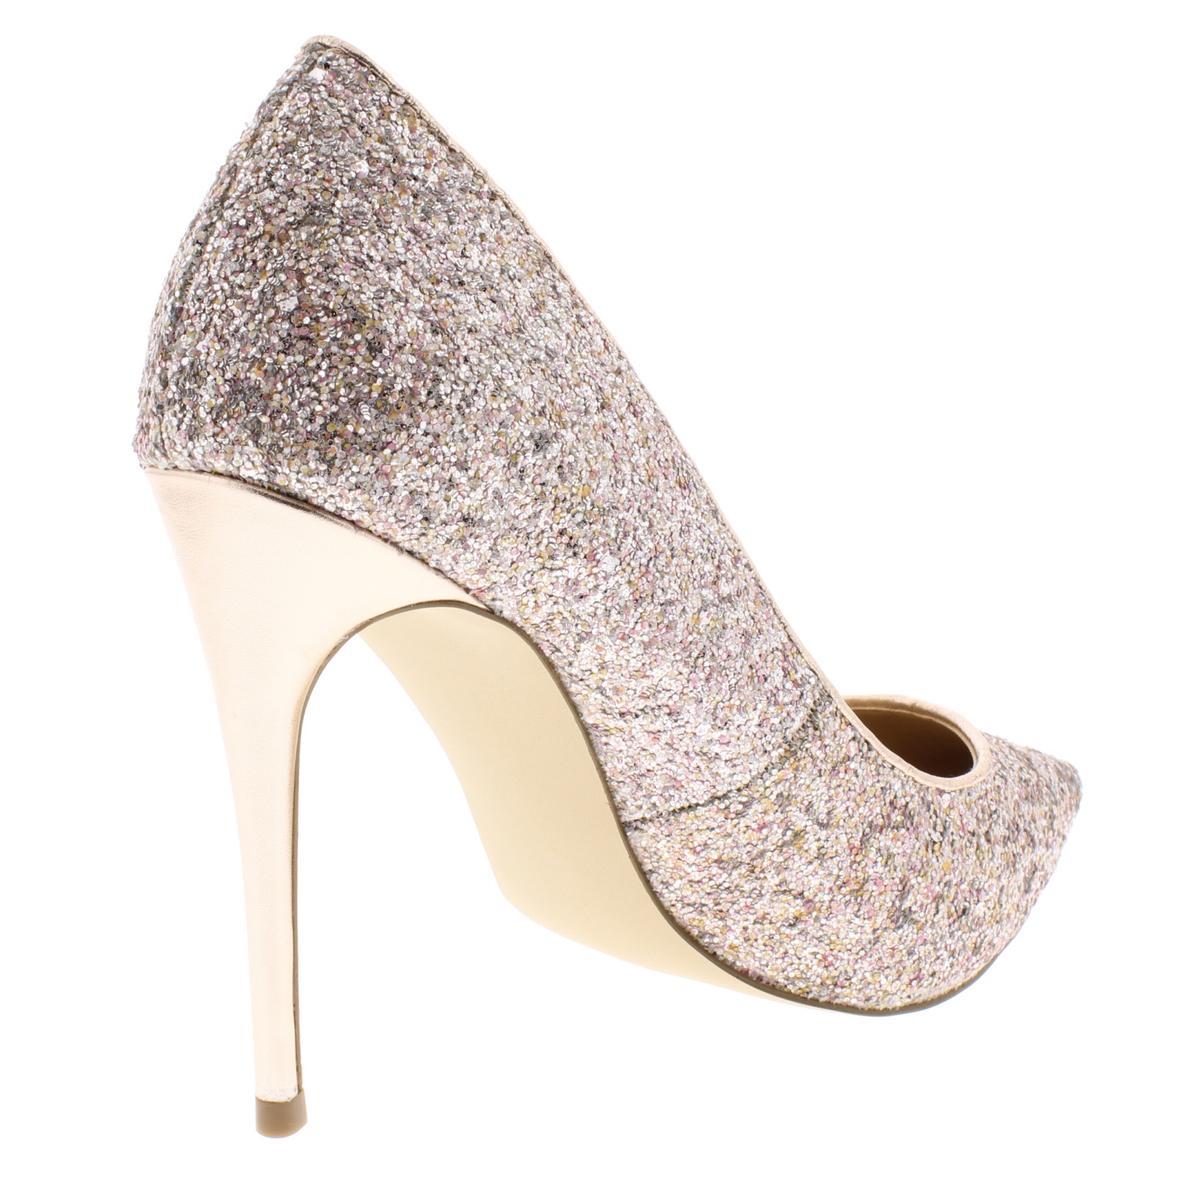 Steve-Madden-Womens-Daisie-Evening-Heels-Shoes-BHFO-4616 thumbnail 12